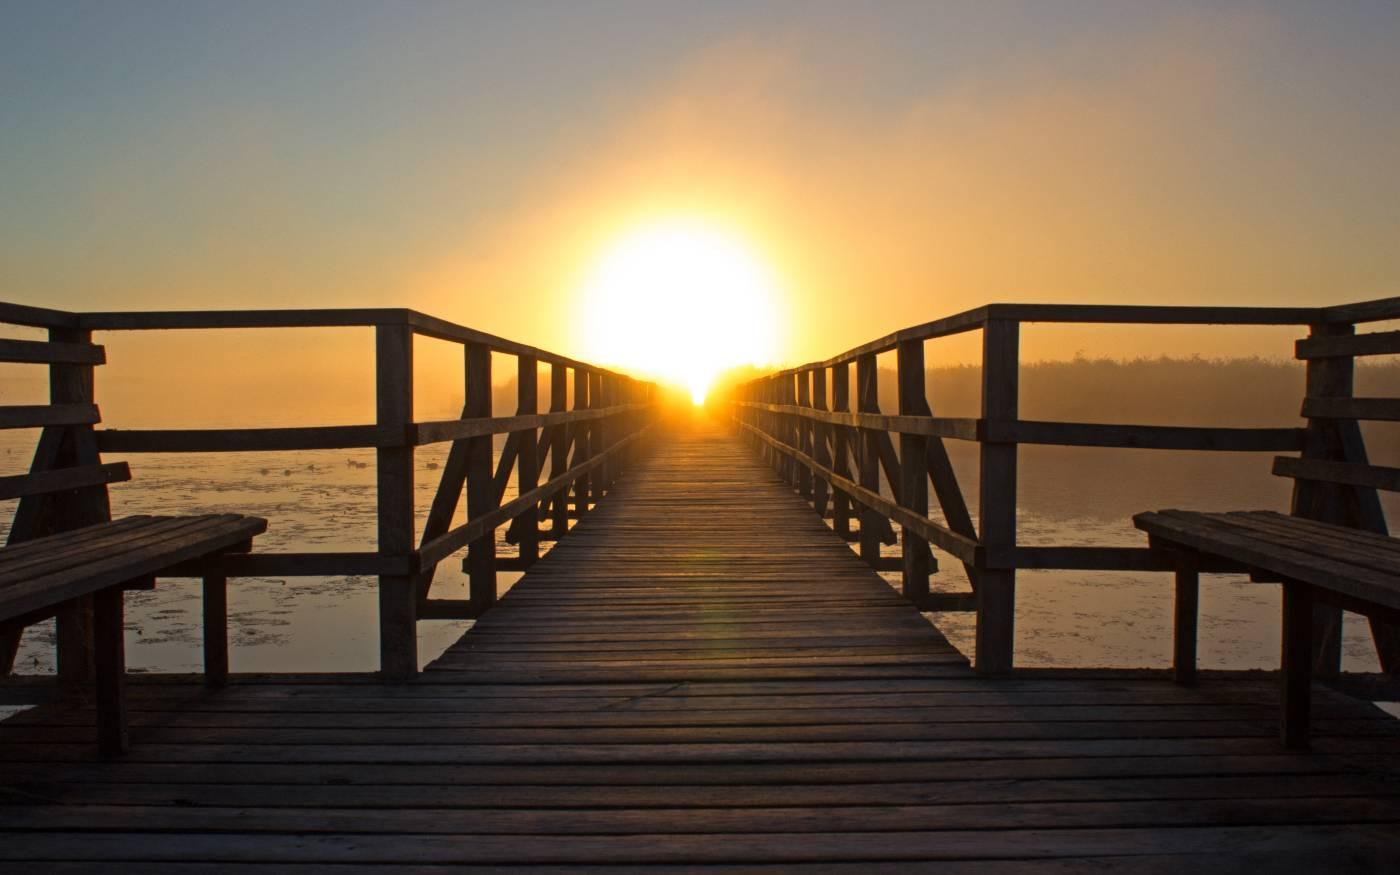 Eine Brücke mit der untergehenden Sonne am Horizont